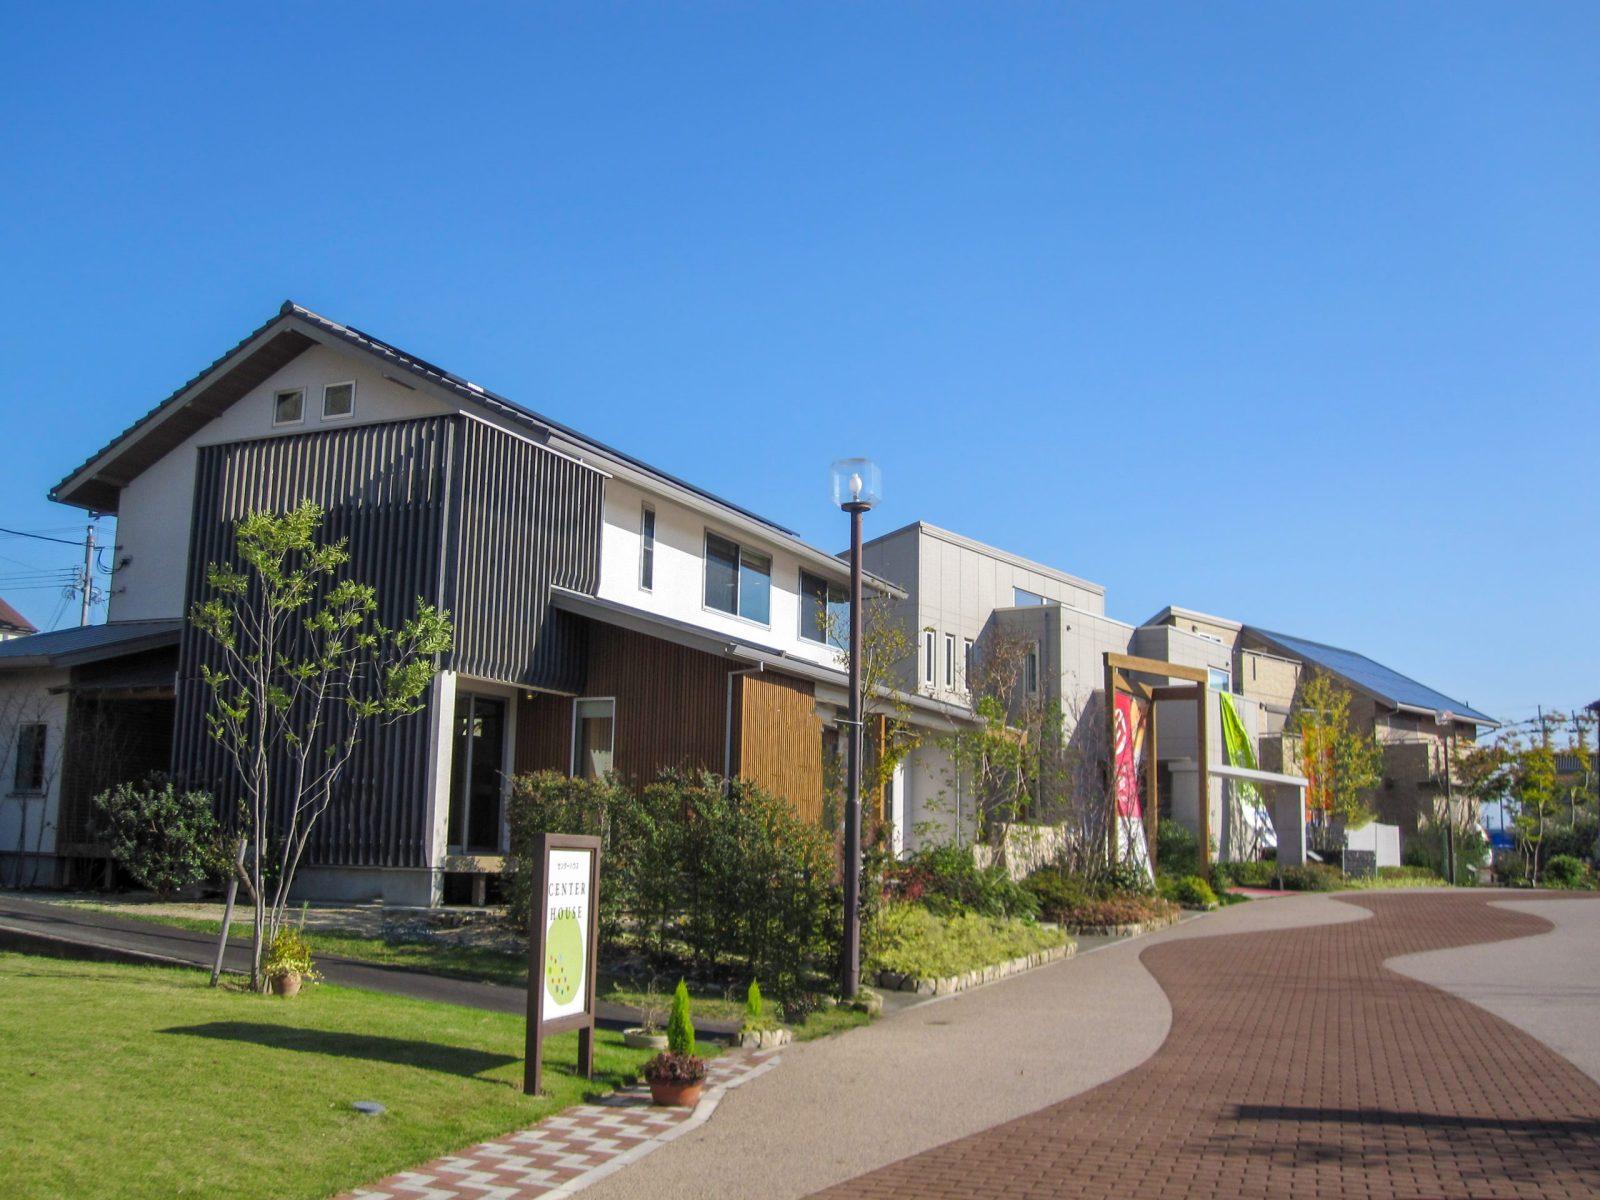 住宅展示場に行かずに、関西で家づくりが完結した理由。